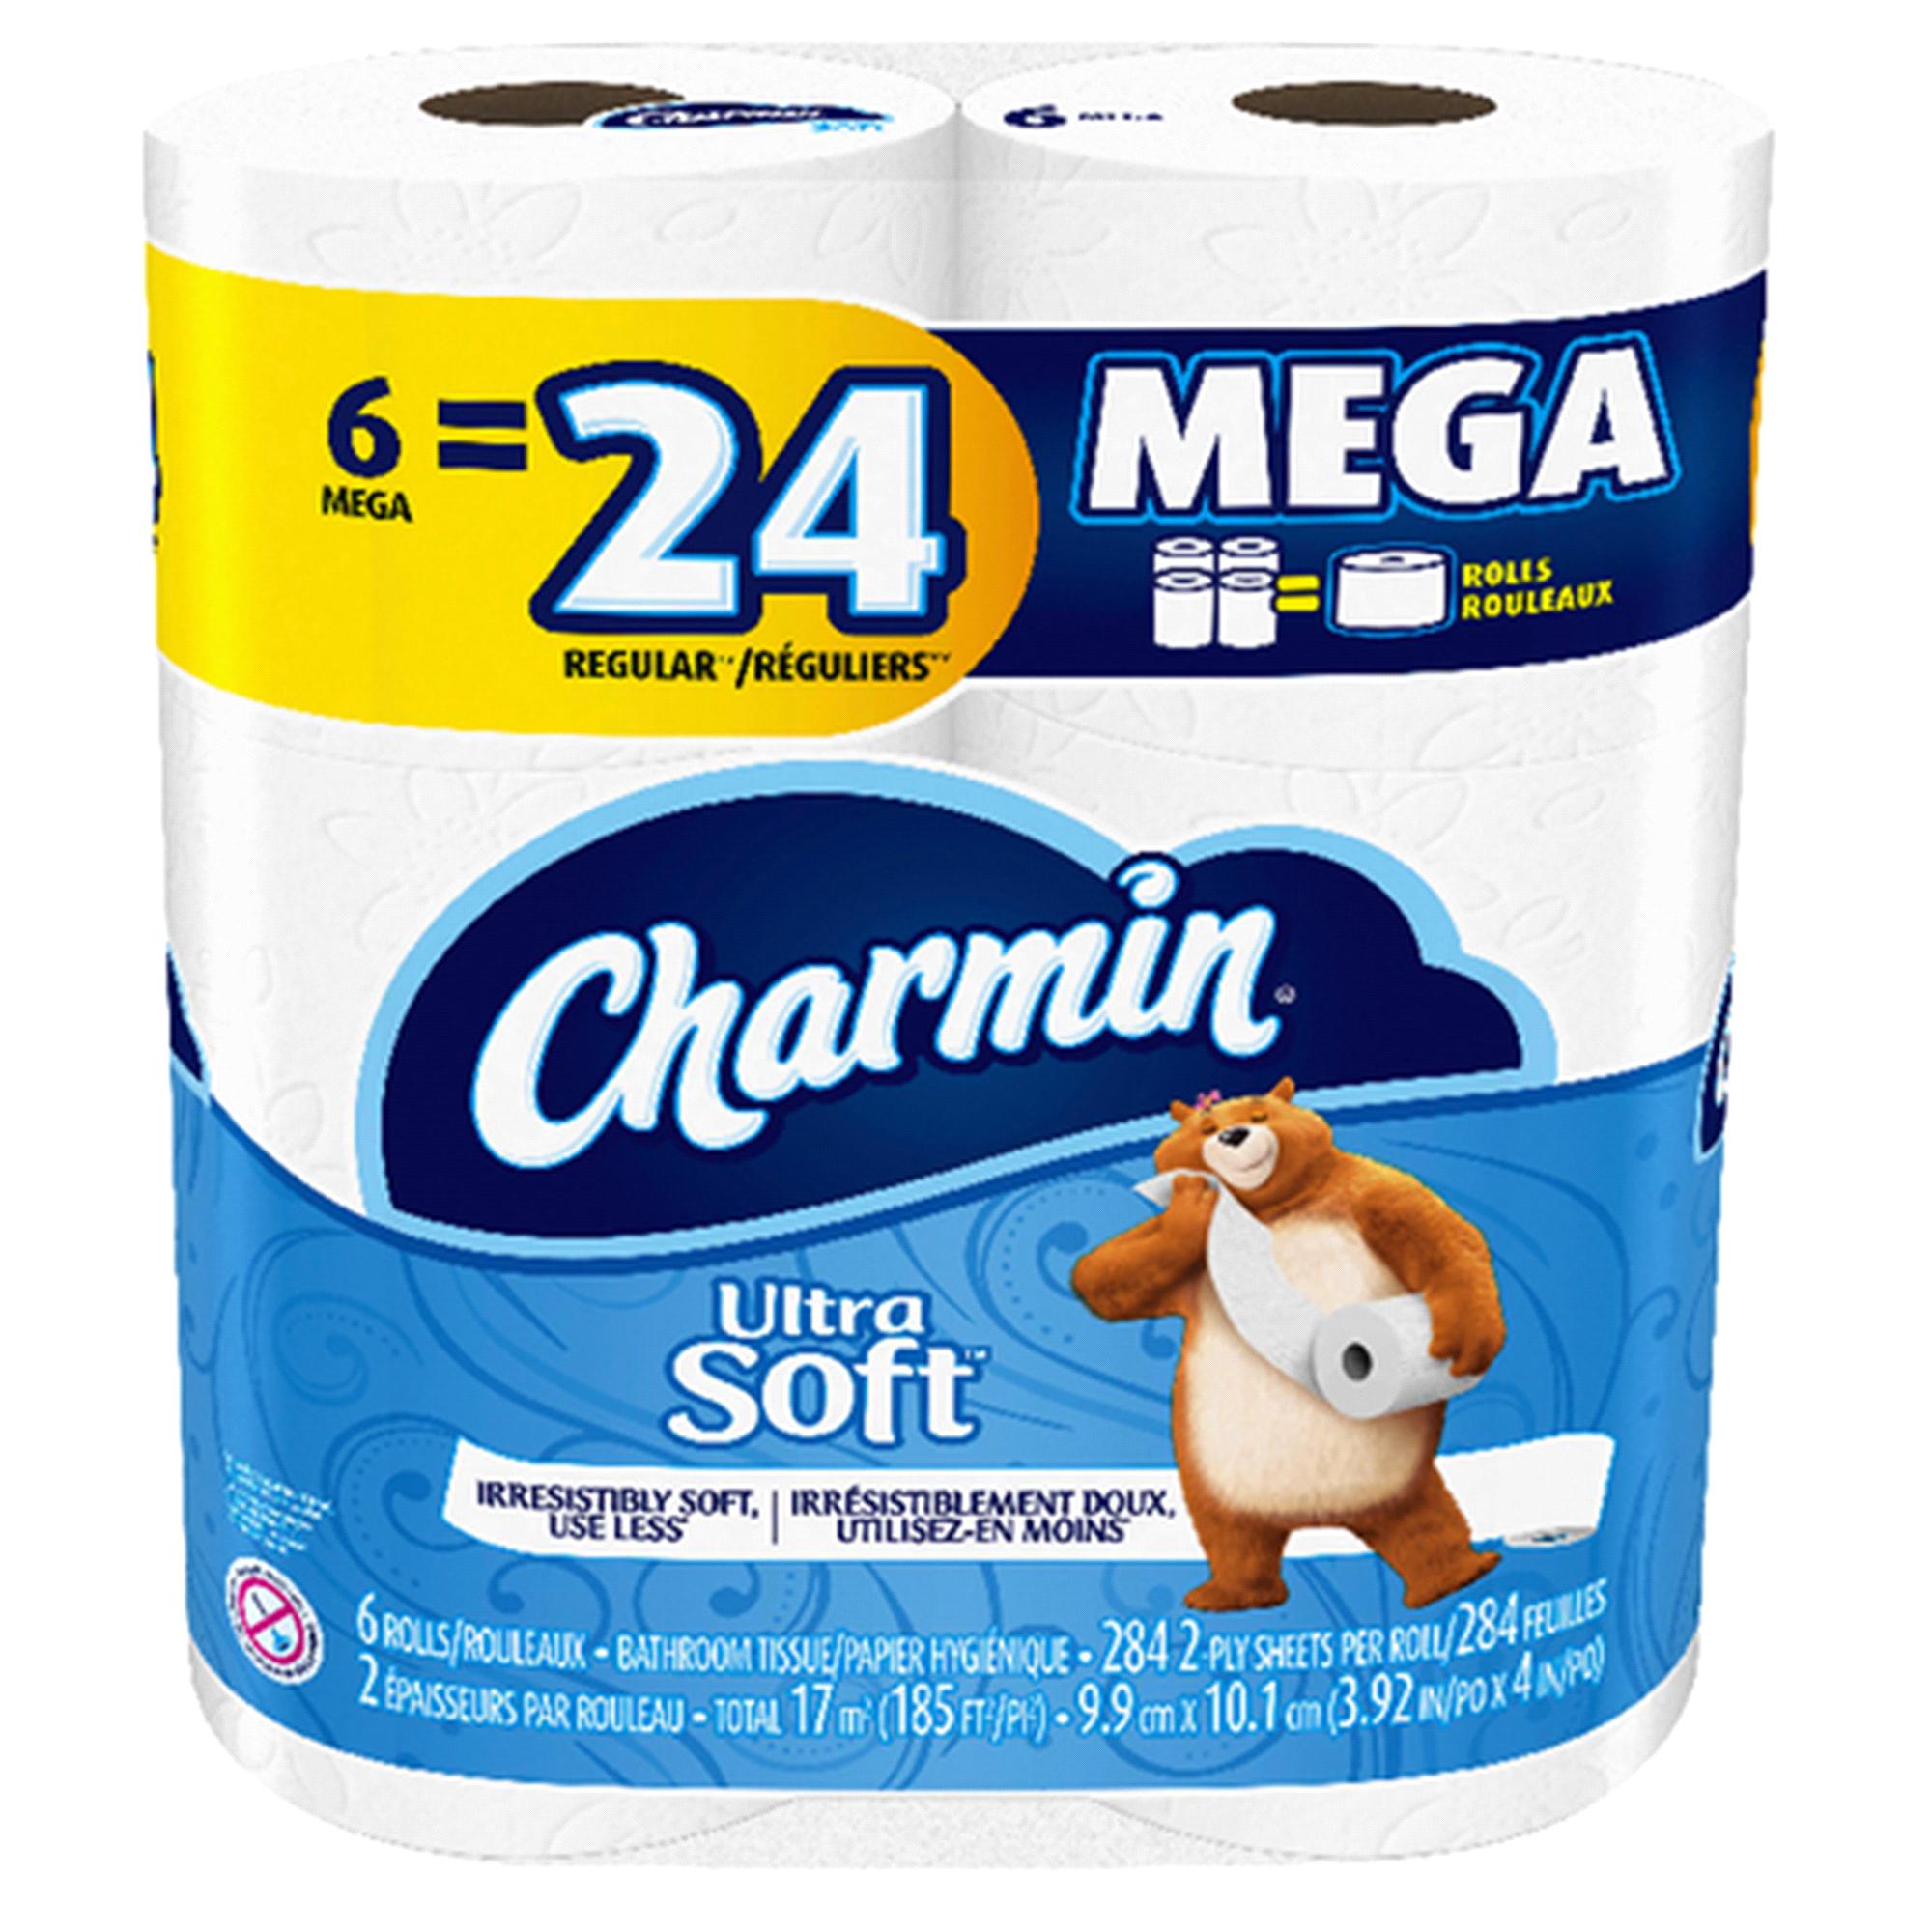 Toilet Paper | Meijer.com